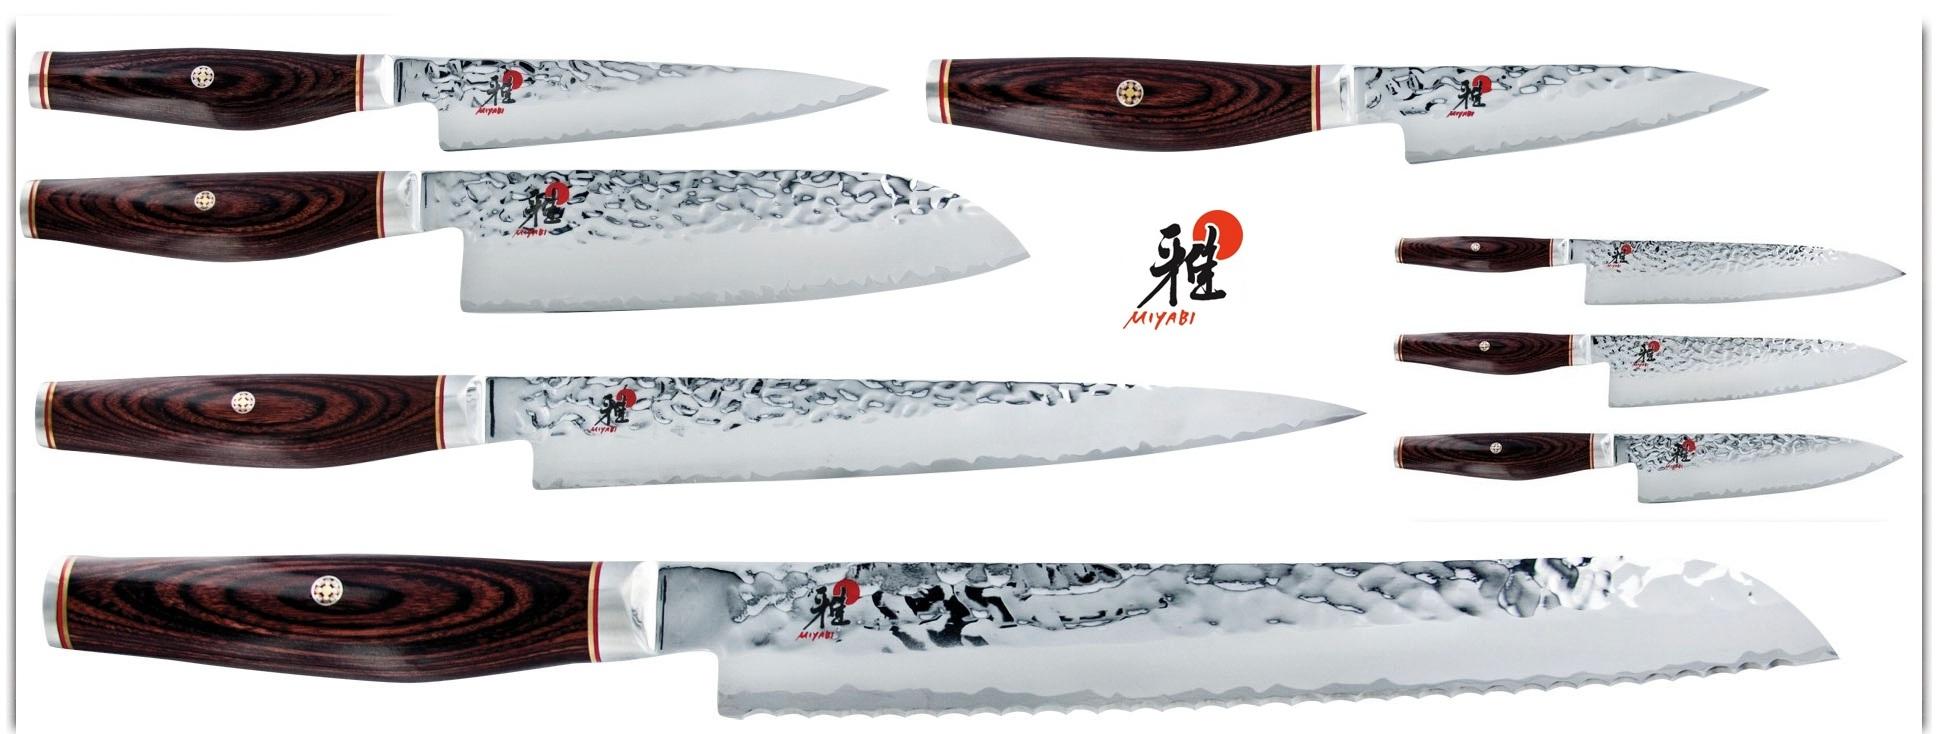 Offre gamme de couteaux japonais miyabi 6000mct - Couteau de cuisine professionnel japonais ...